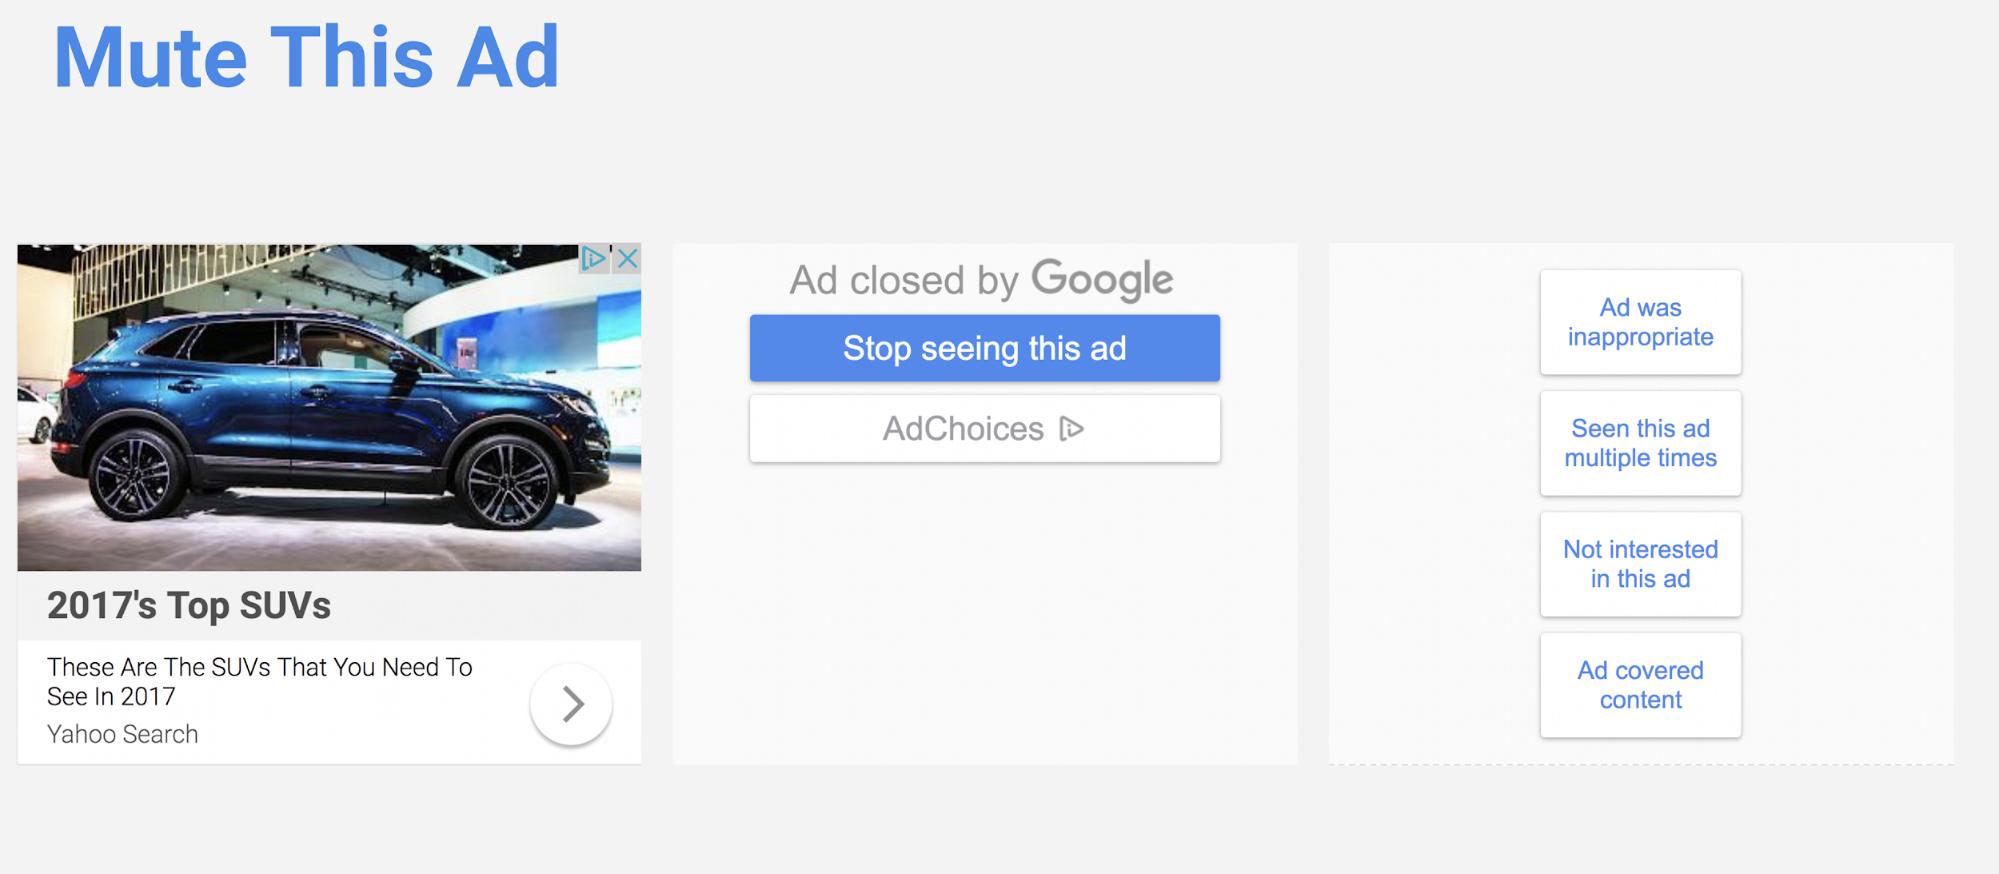 """非自定义版""""不再显示该广告"""""""